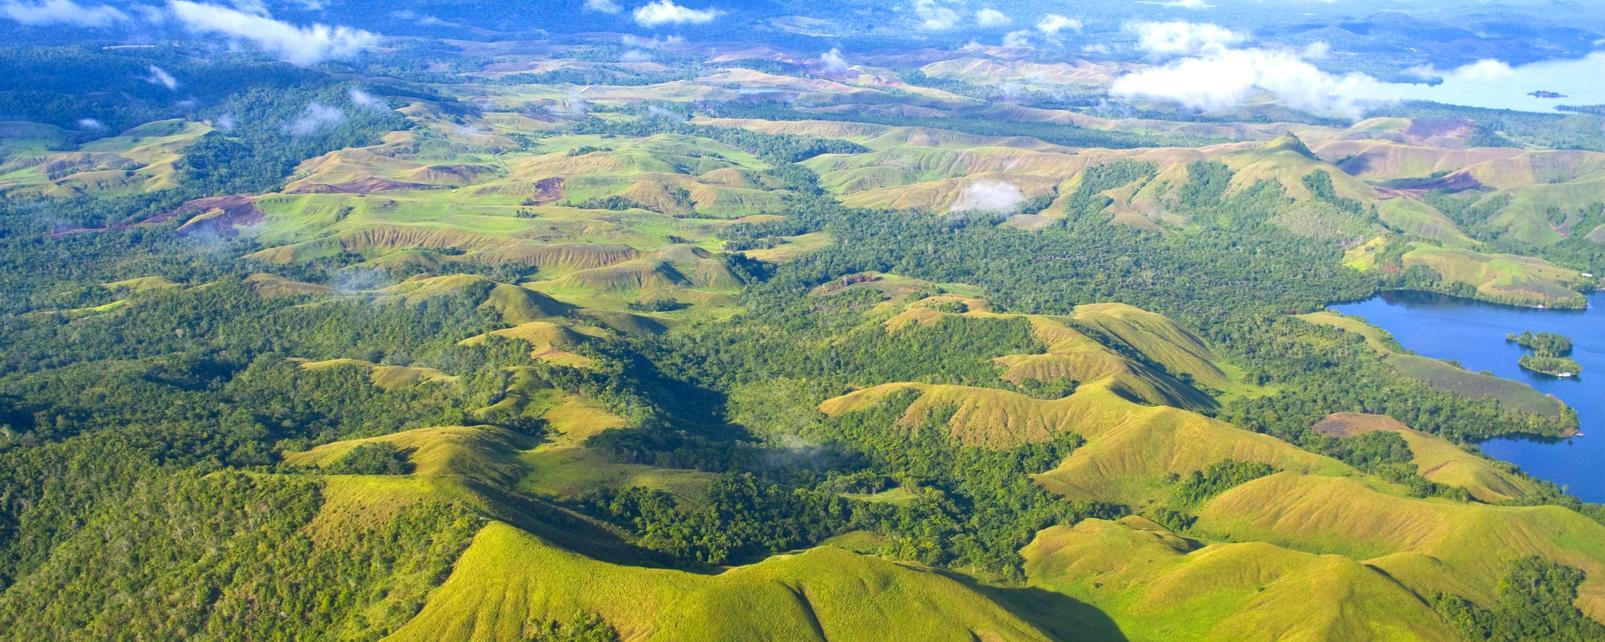 Océanie; Papouasie-Nouvelle-Guinée; Rabaul;